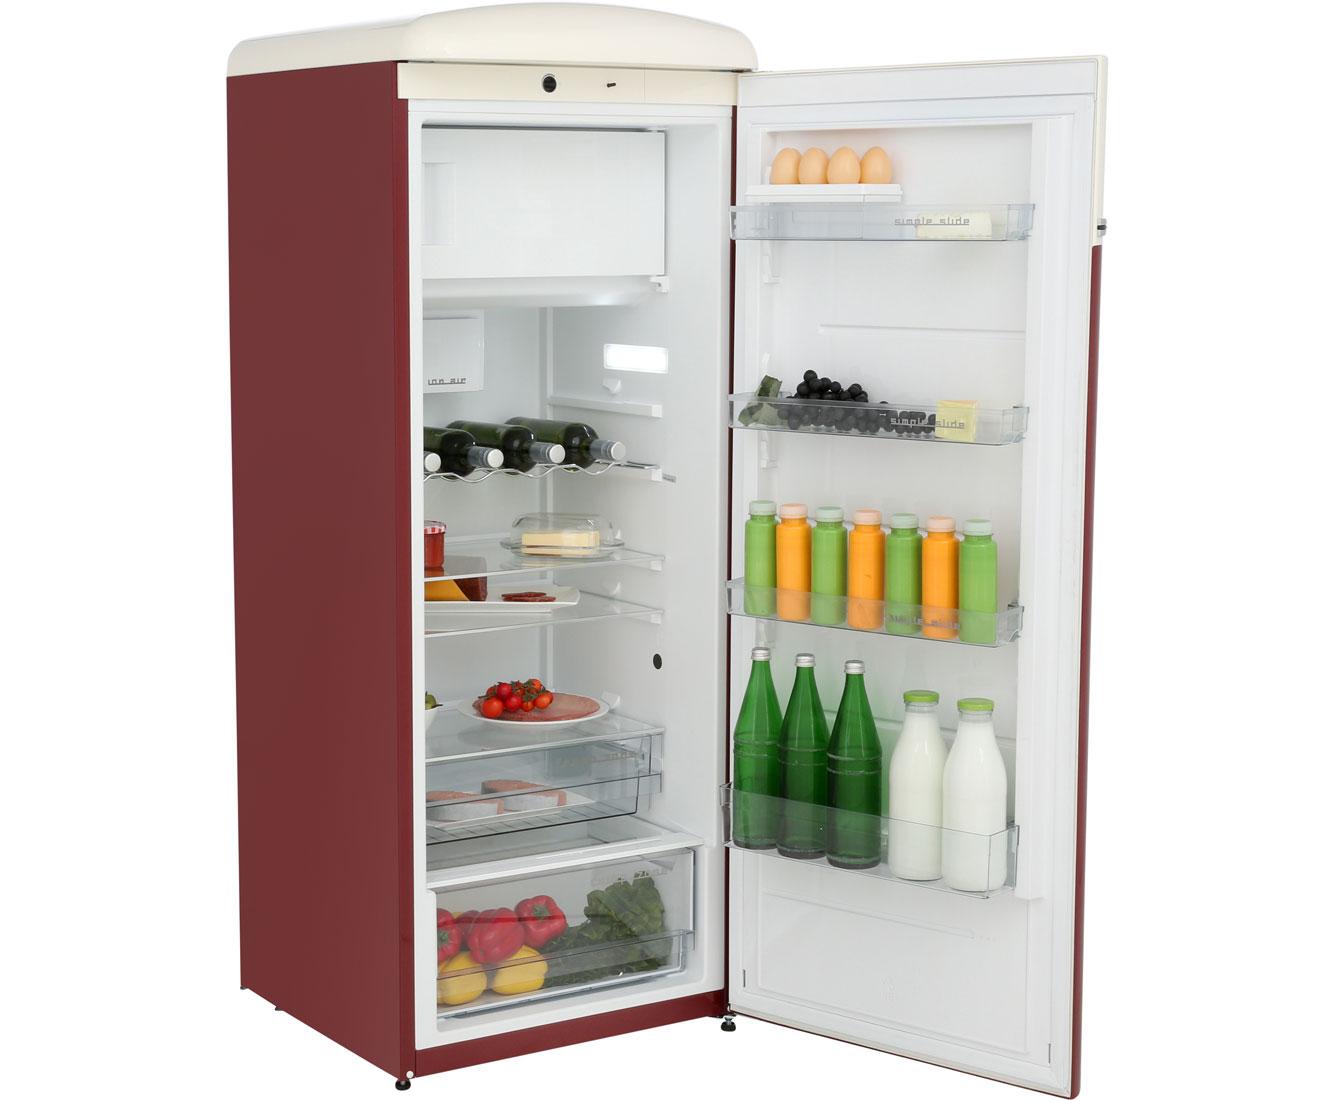 Gorenje Kühlschrank Ion Air : Gorenje obrb bl kühlschrank mit gefrierfach blau edelstahl